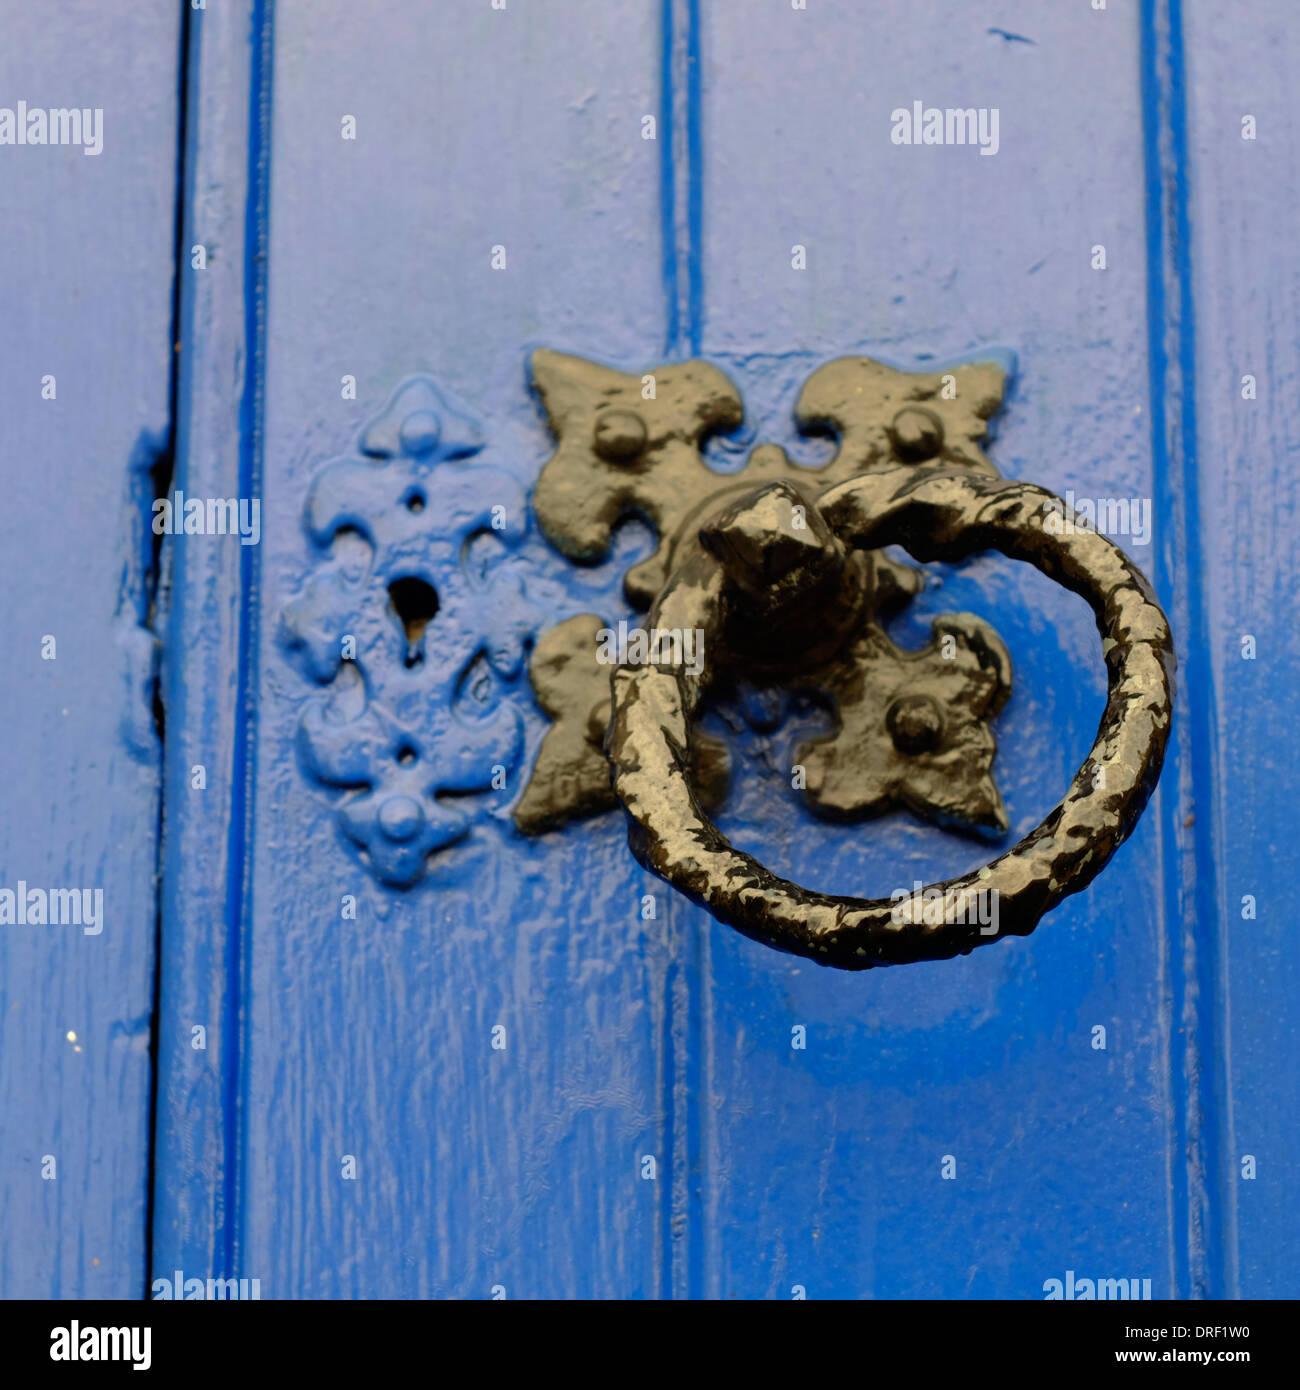 Vintage Door Knocker Handle On A Blue Church Door   Stock Image